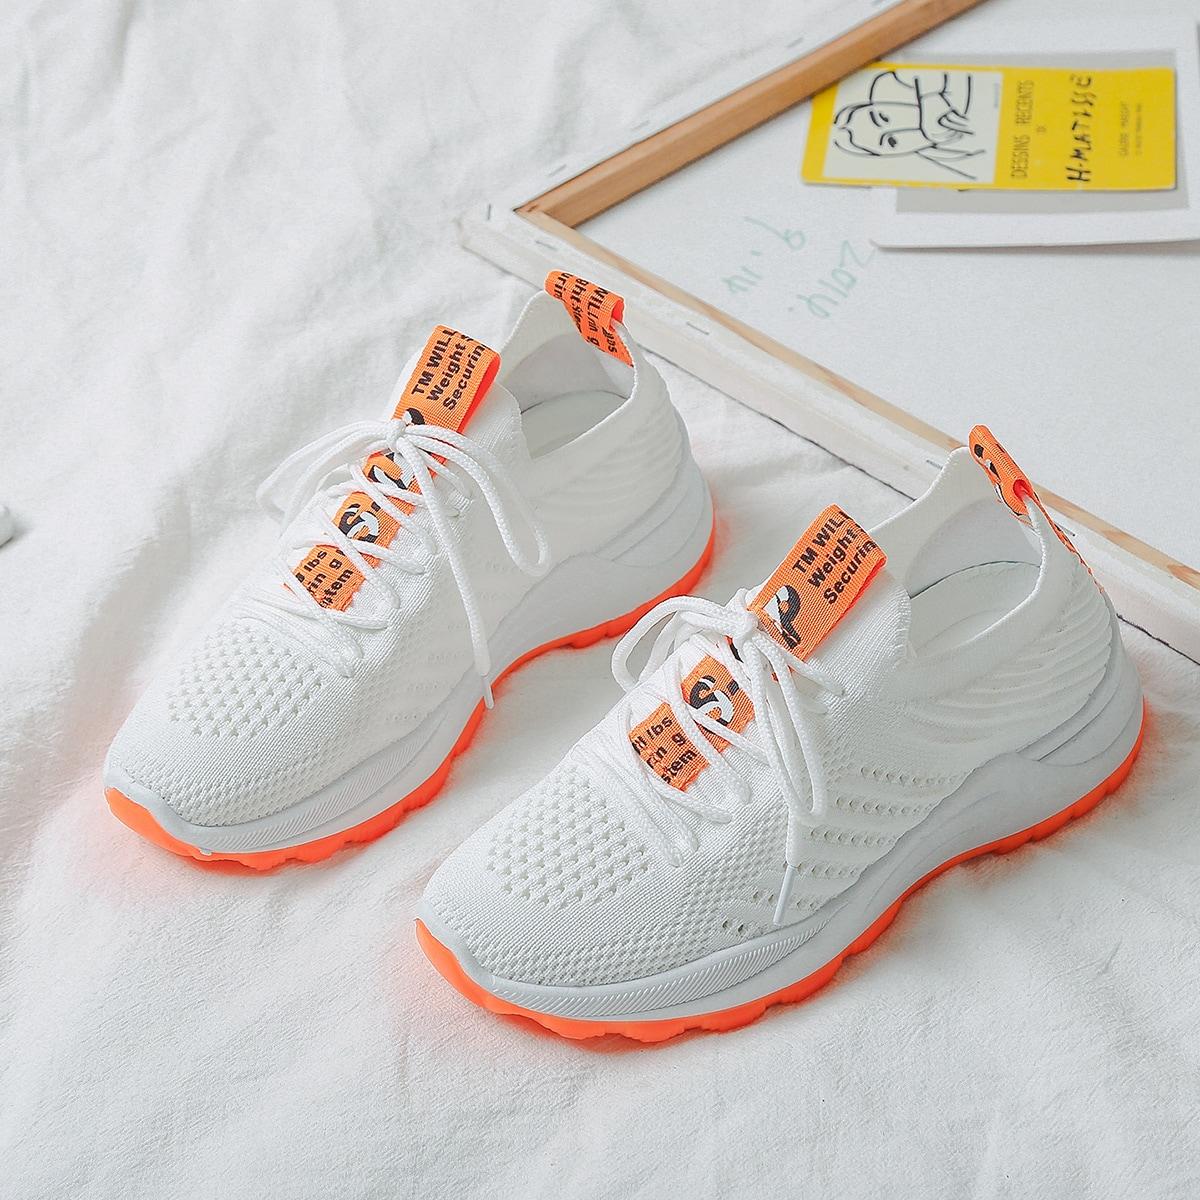 Кроссовки на шнурках с принтом от SHEIN